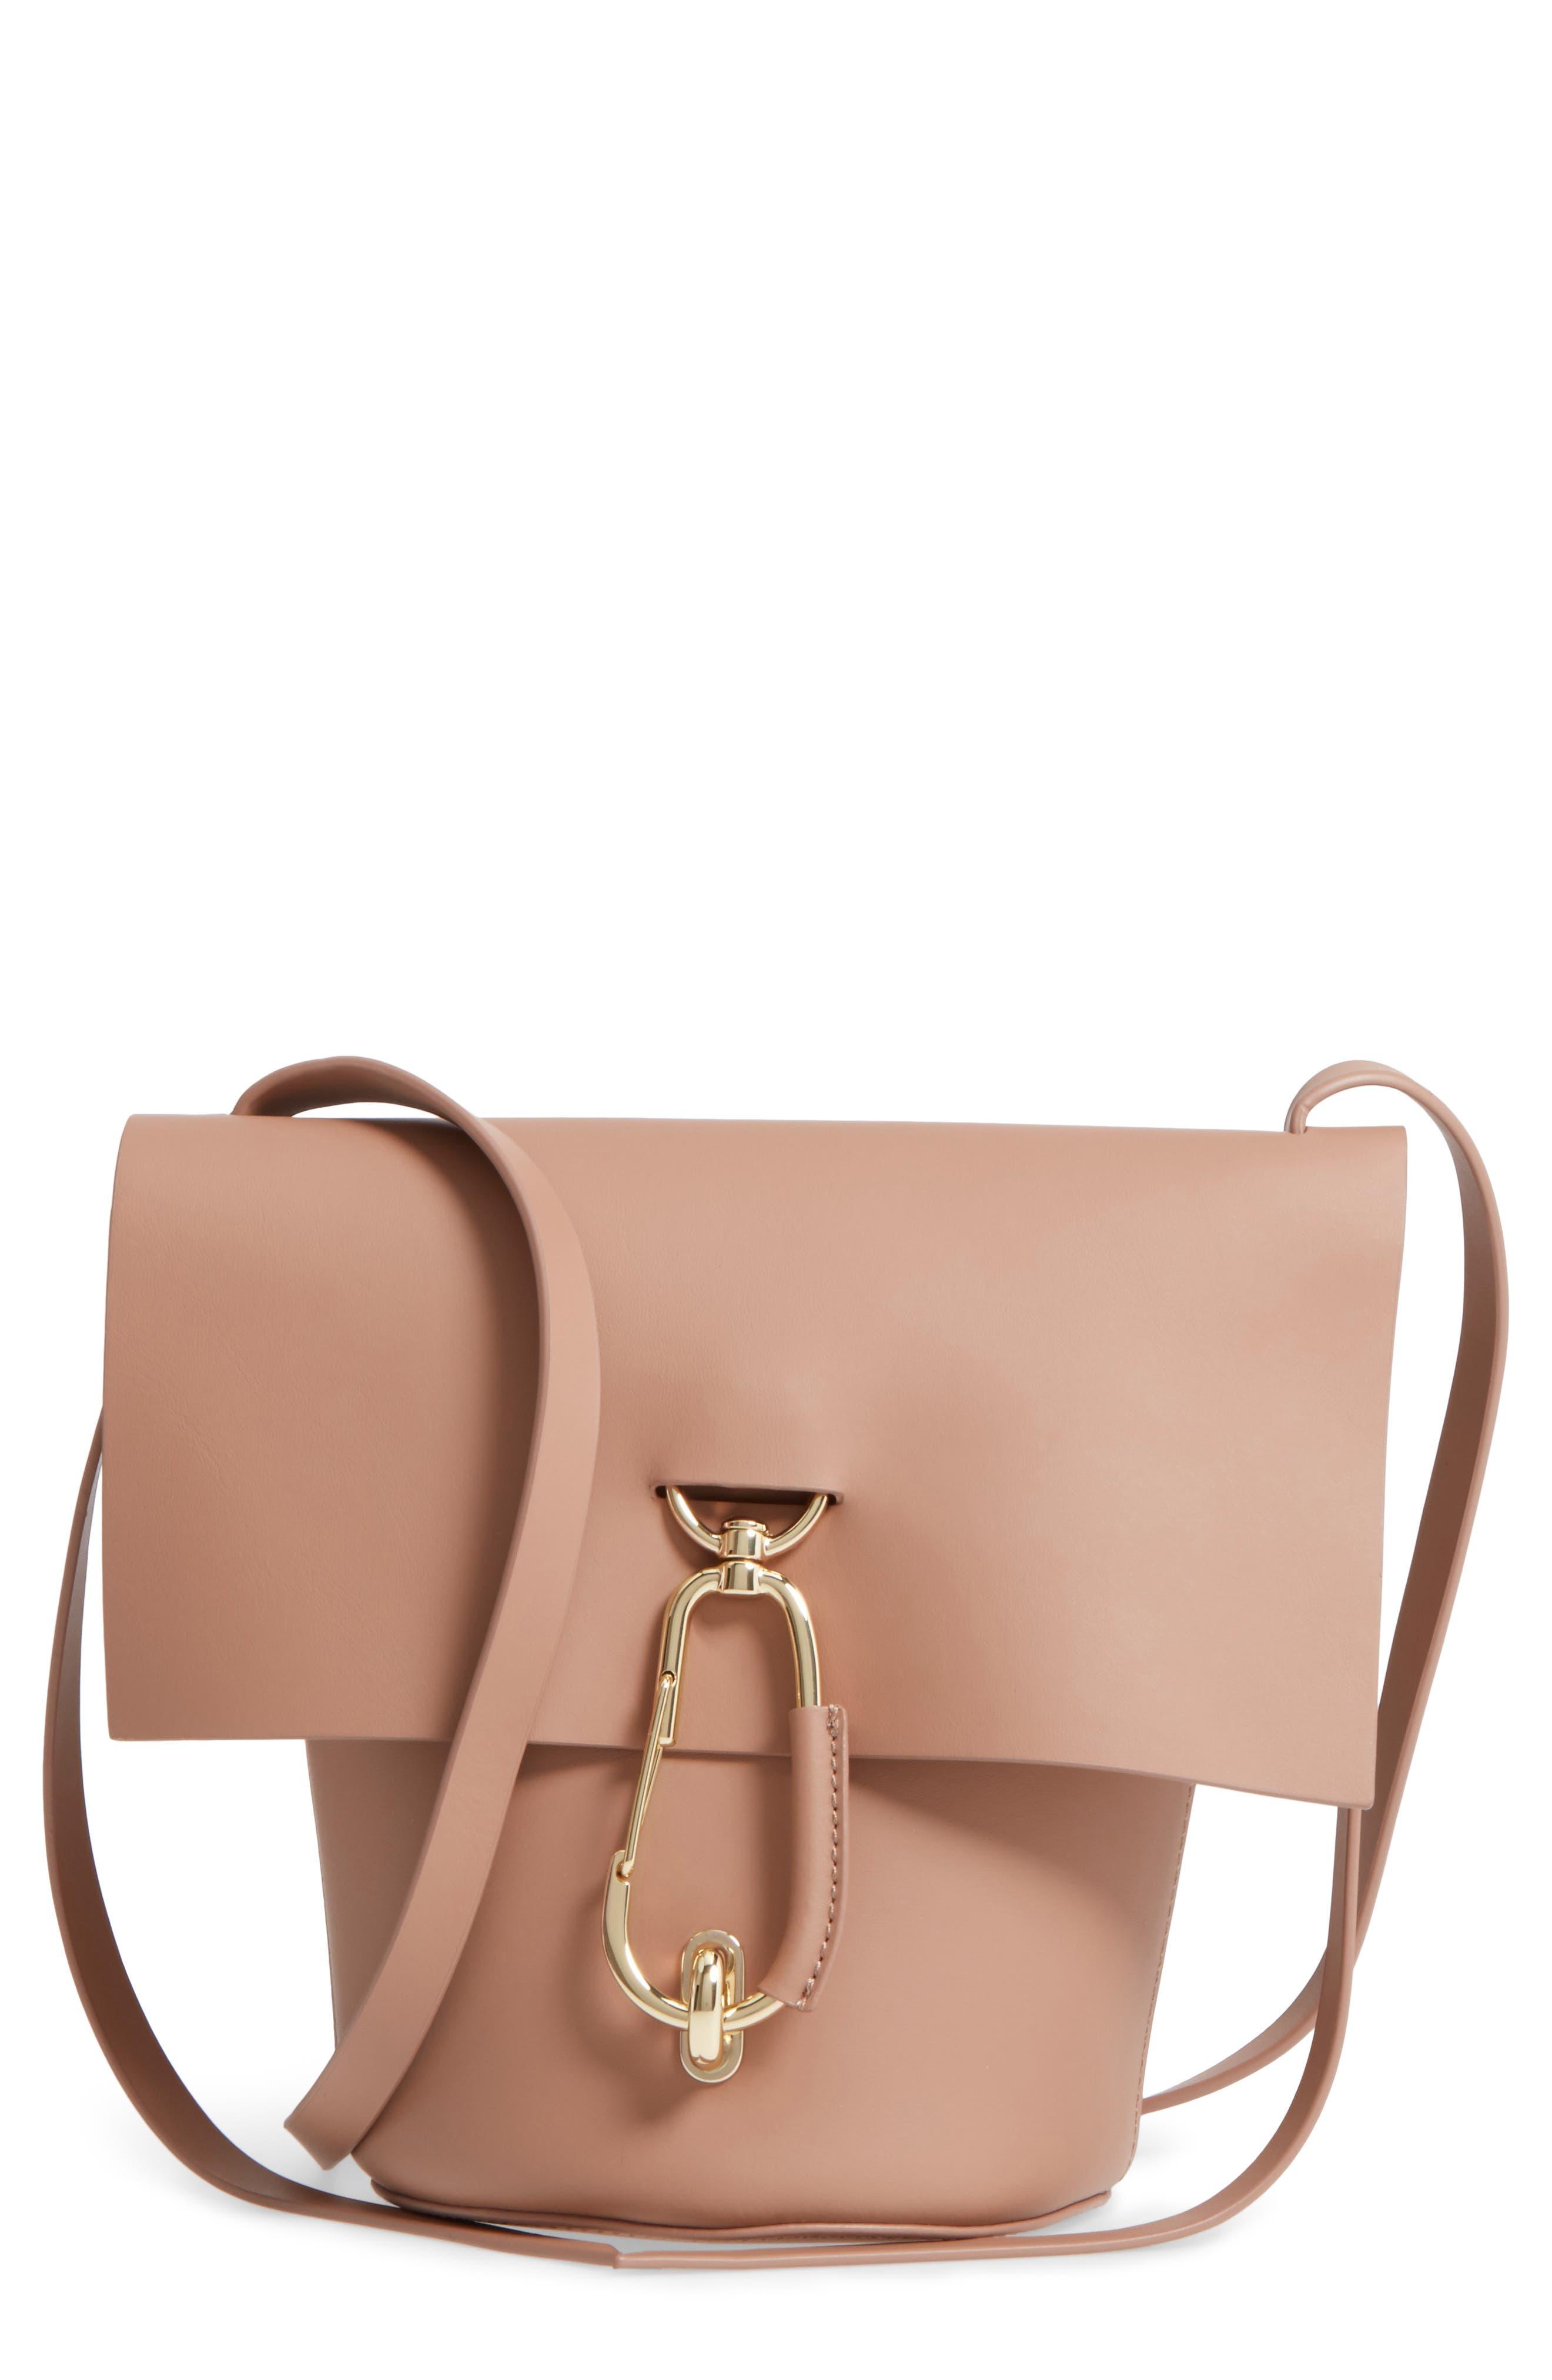 Alternate Image 1 Selected - ZAC Zac Posen Belay Leather Crossbody Bucket Bag